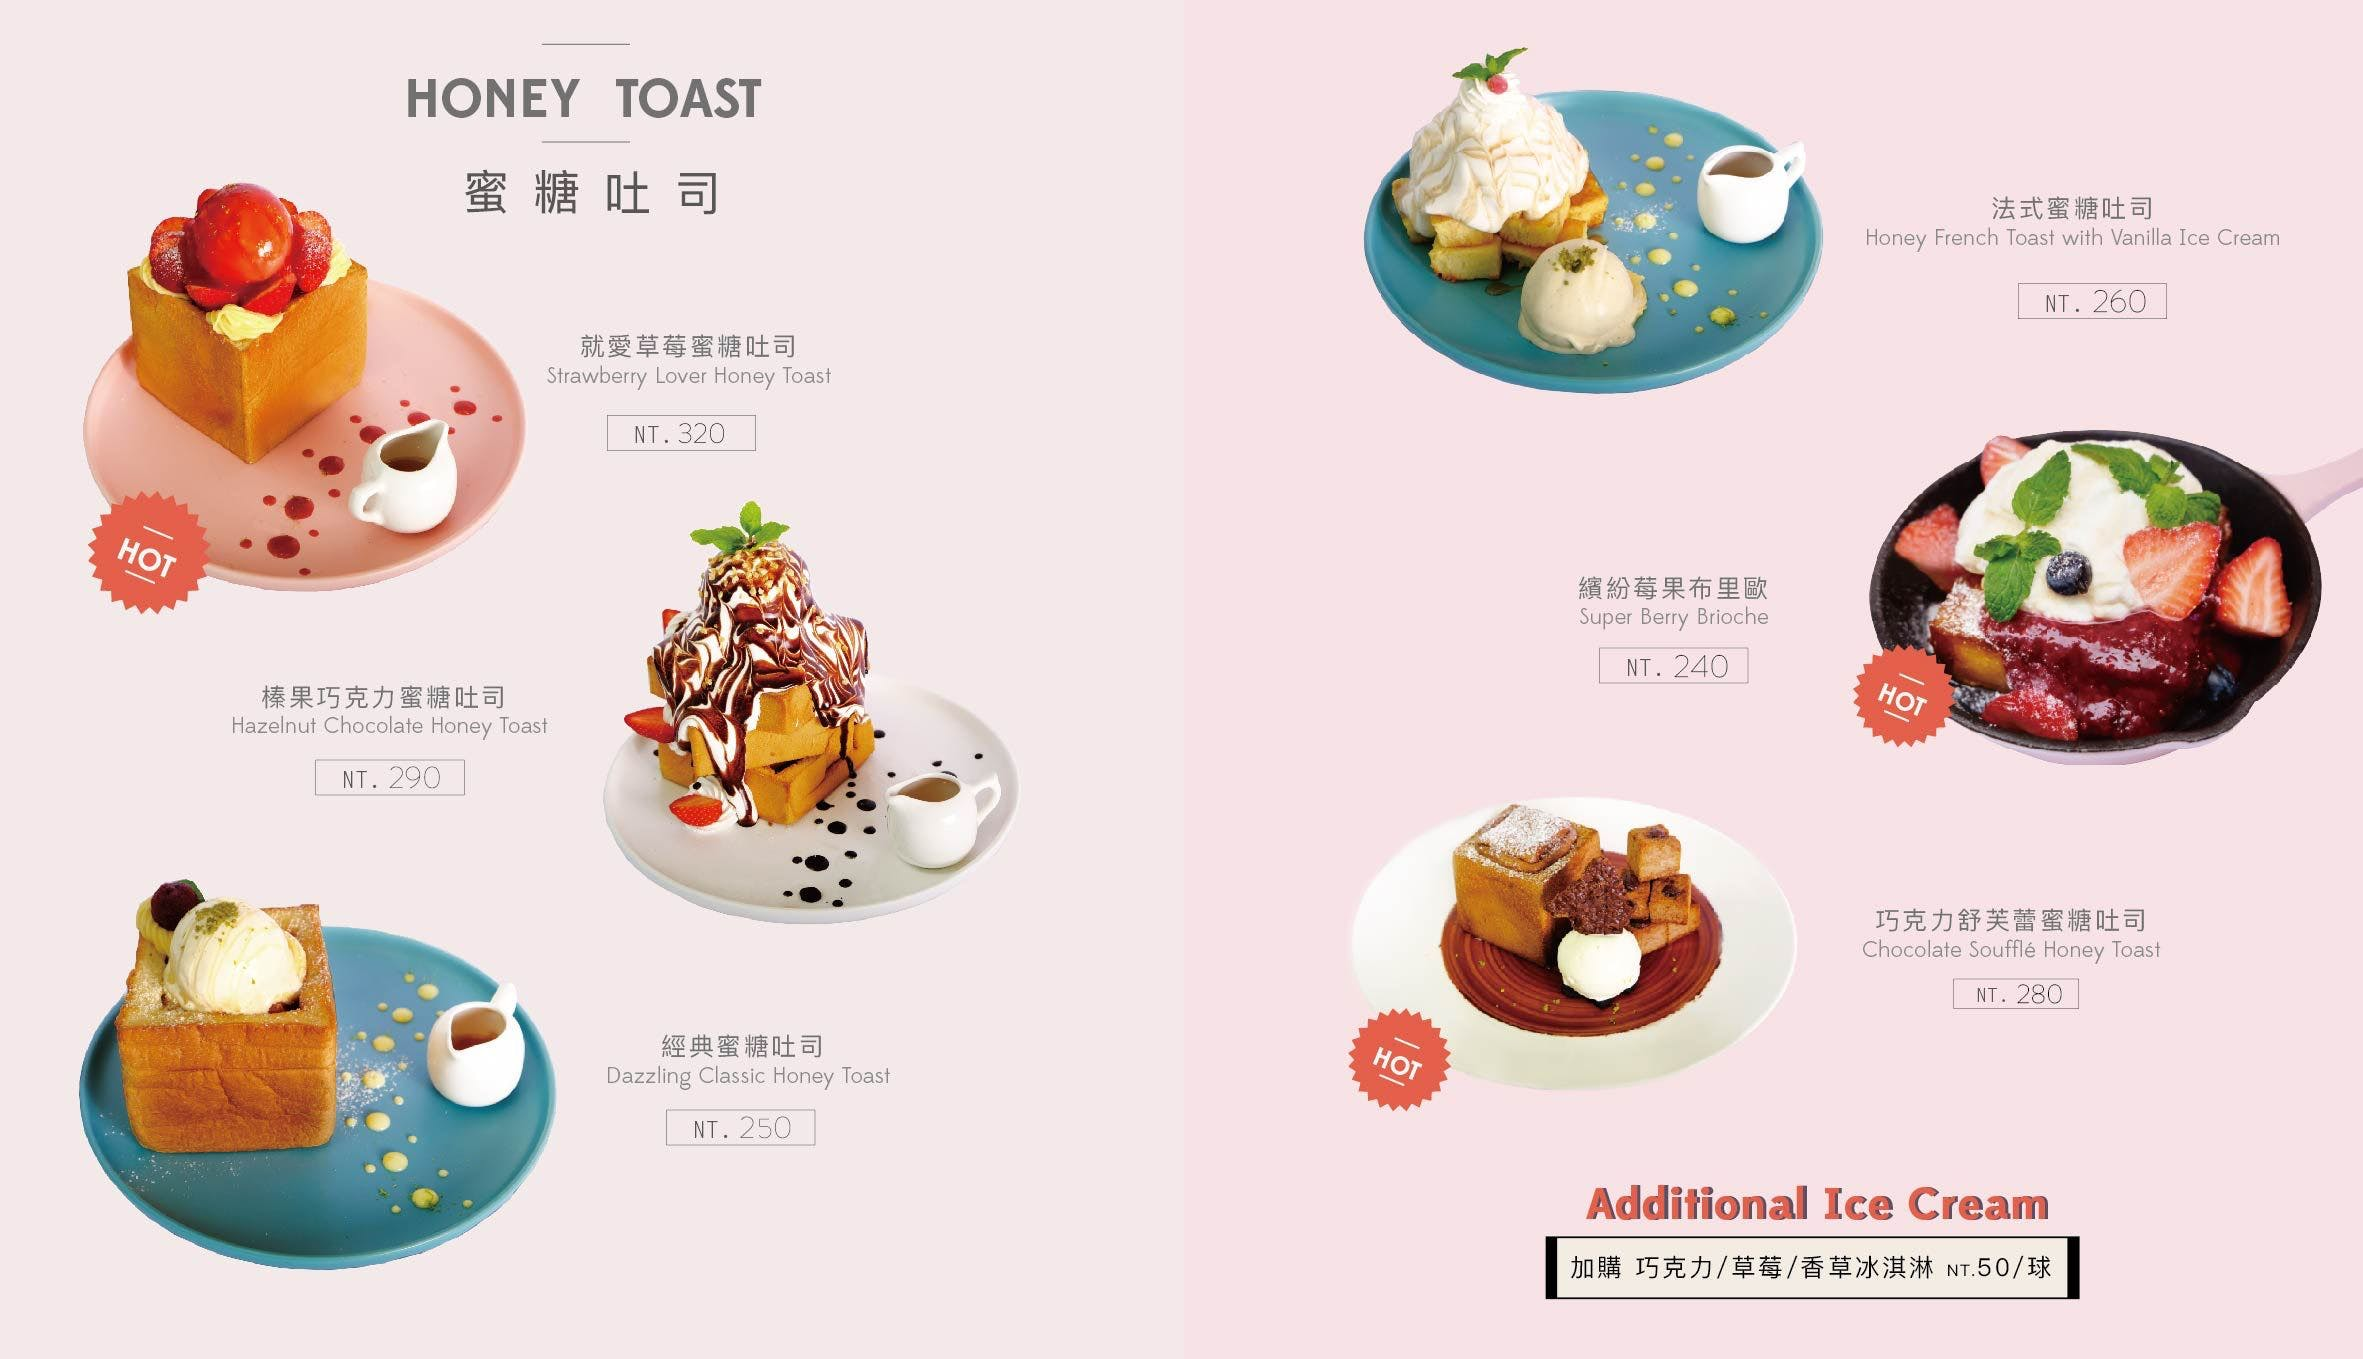 【台北東區】Dazzling Cafe蜜糖吐司!明太子義大利麵濃郁好吃!還有每日限量15個蜜糖甜甜圈!(東區忠孝敦化站美食、台北包廂餐廳、台北好吃義大利麵) @猴屁的異想世界